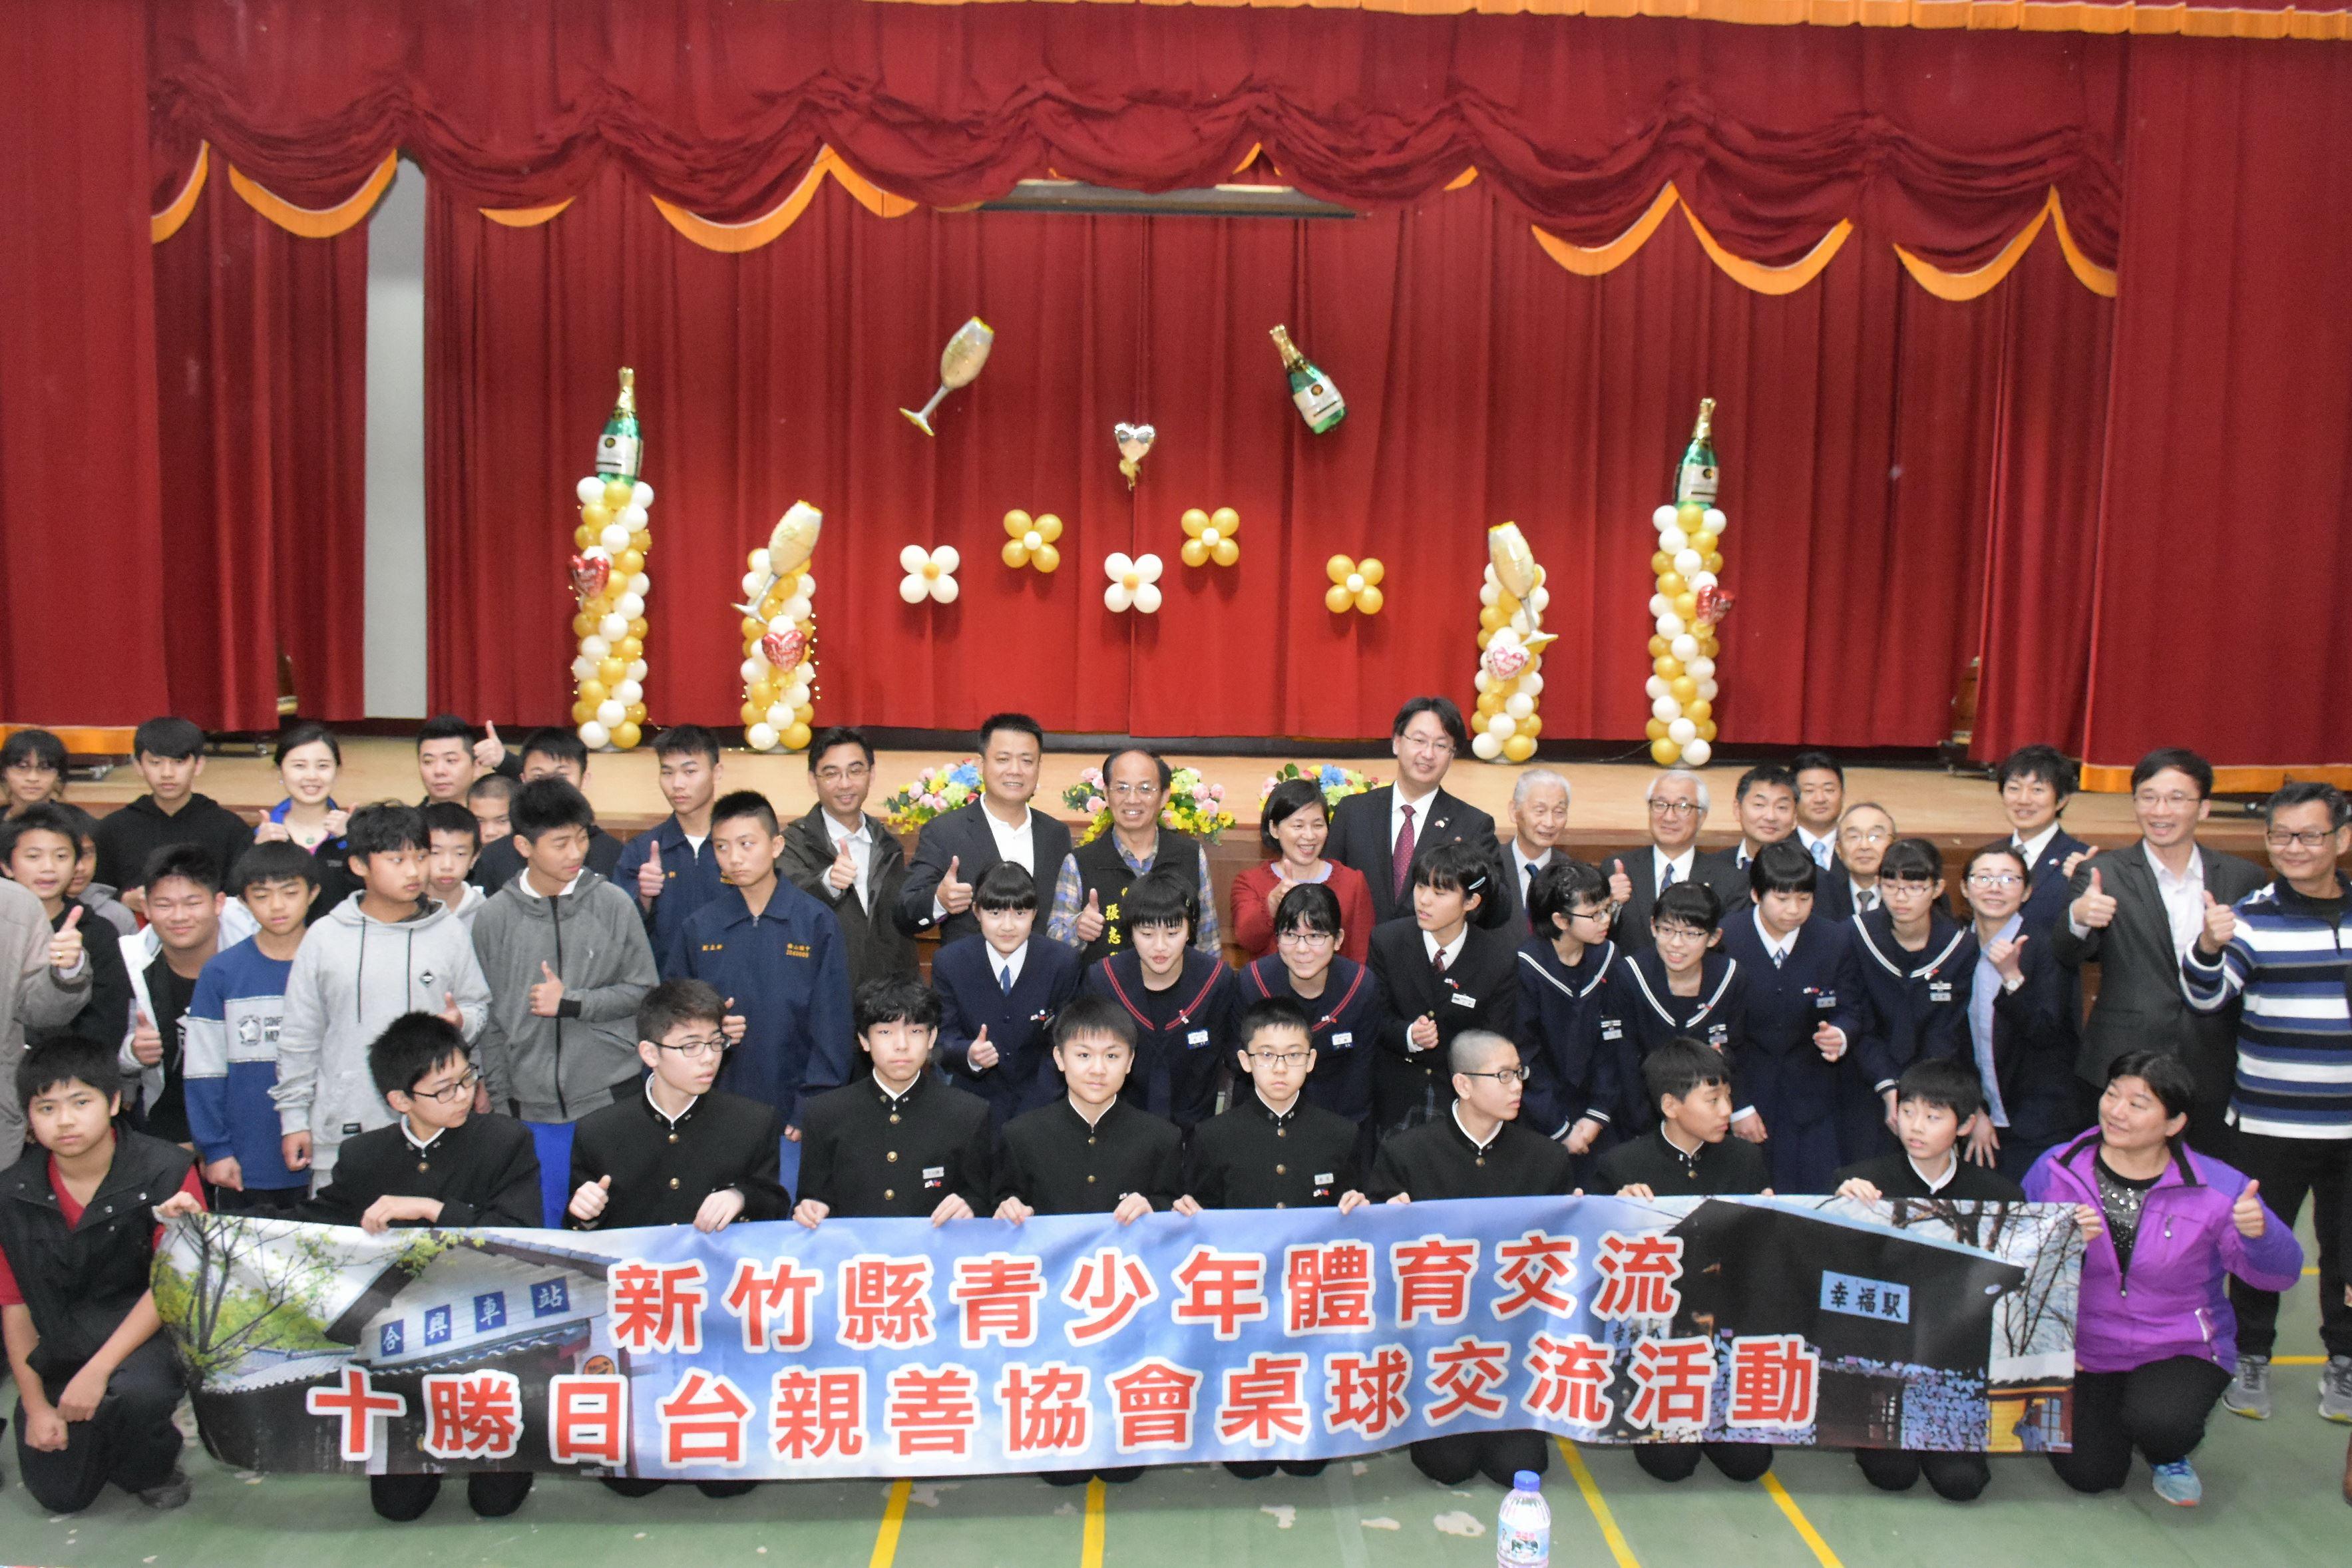 108年中日桌球國際交流賽以球會友 台日學生友誼升溫